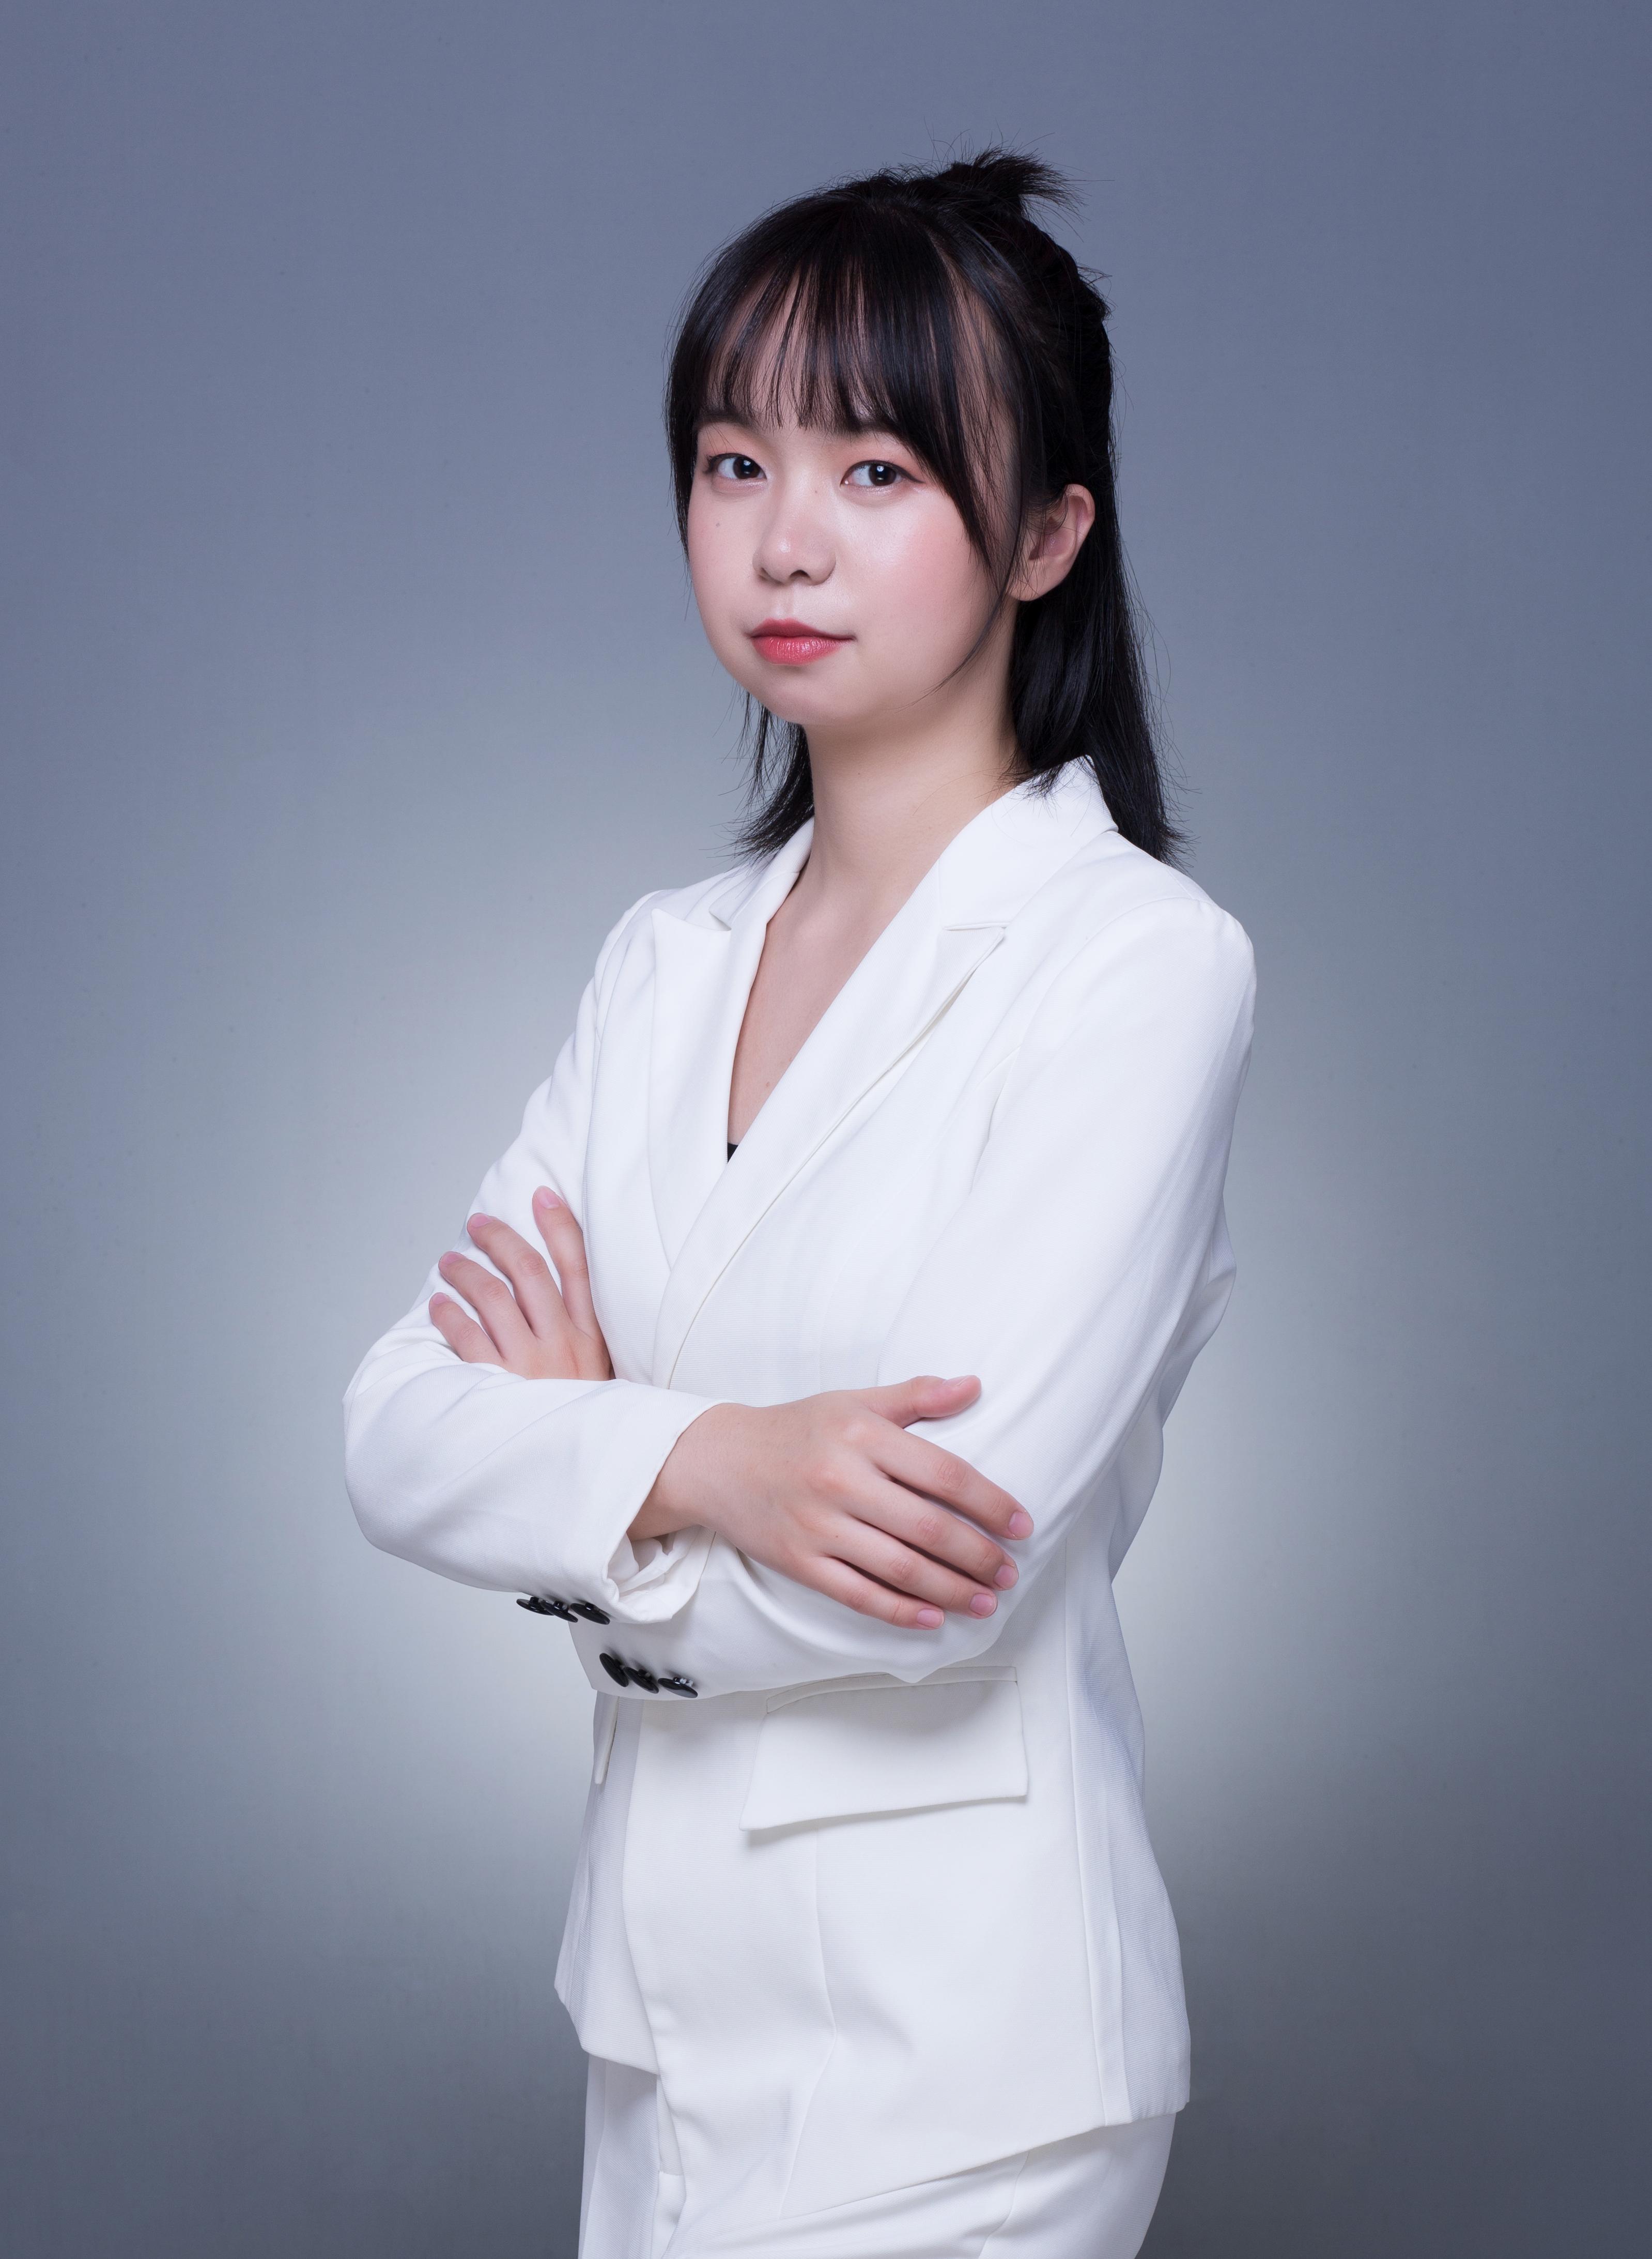 毛文静_夏越教育